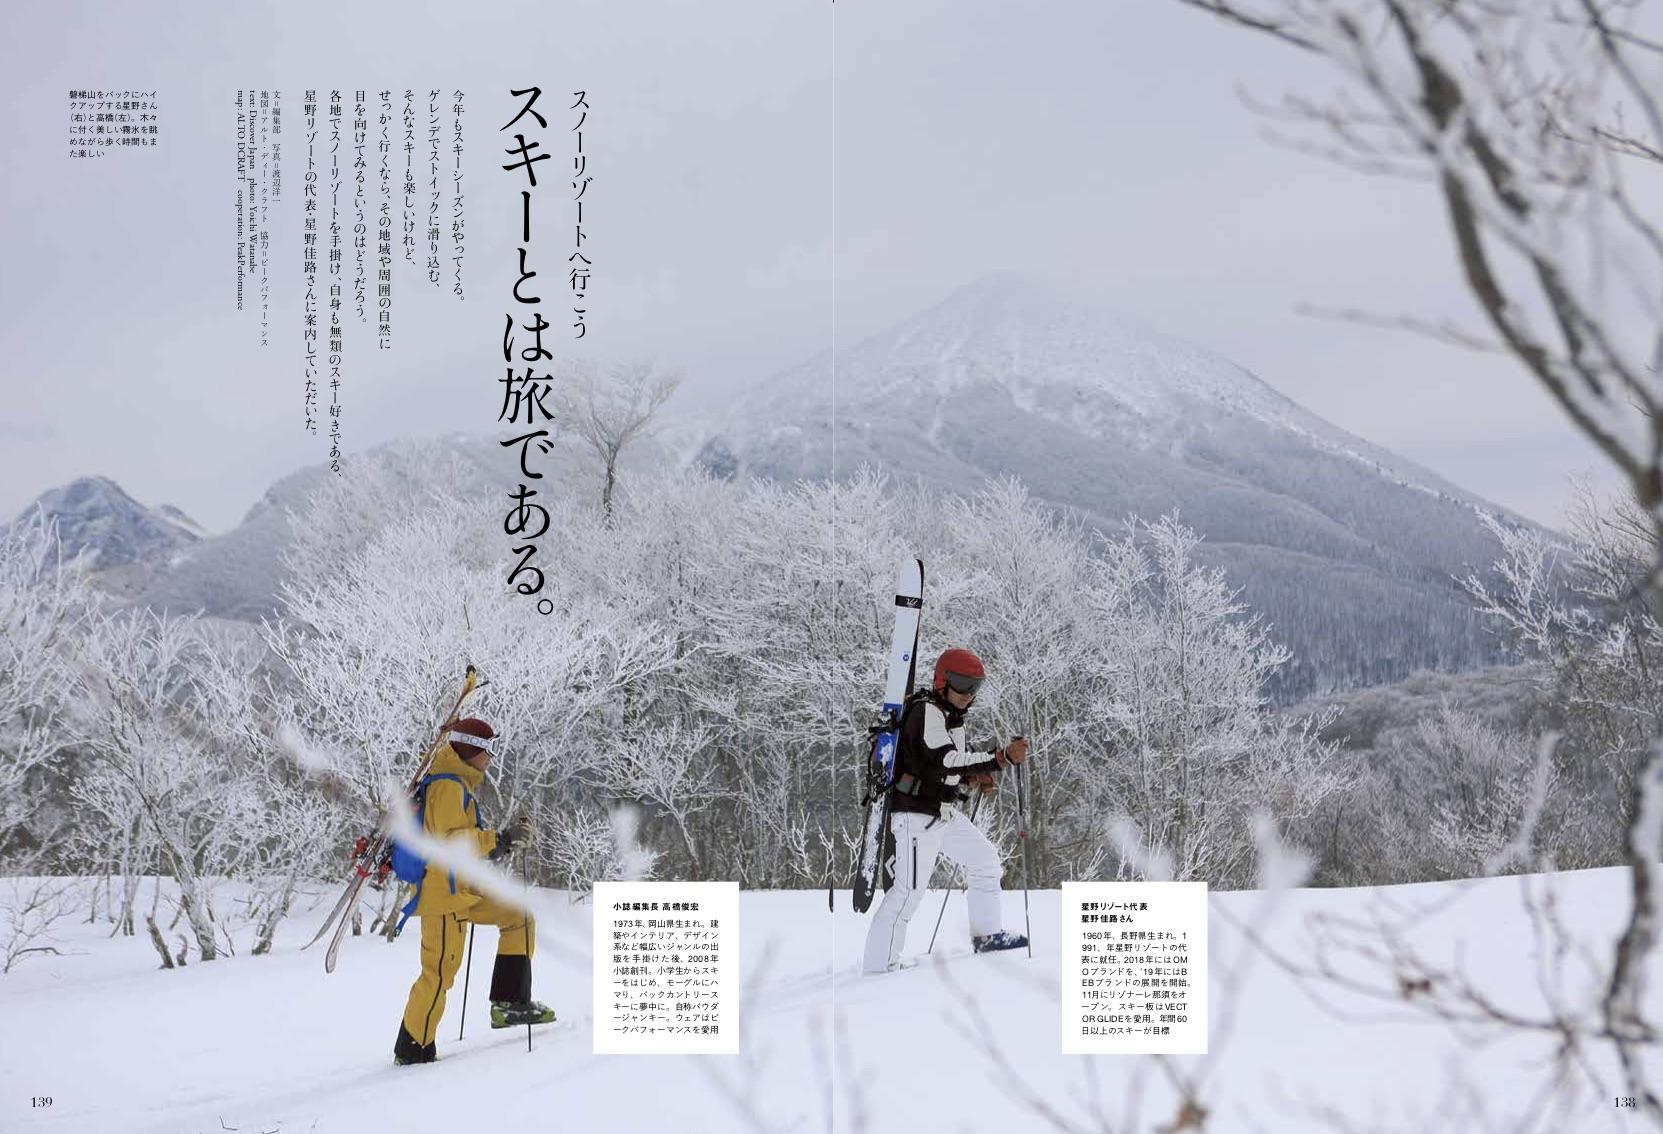 日本の冬は楽しい。